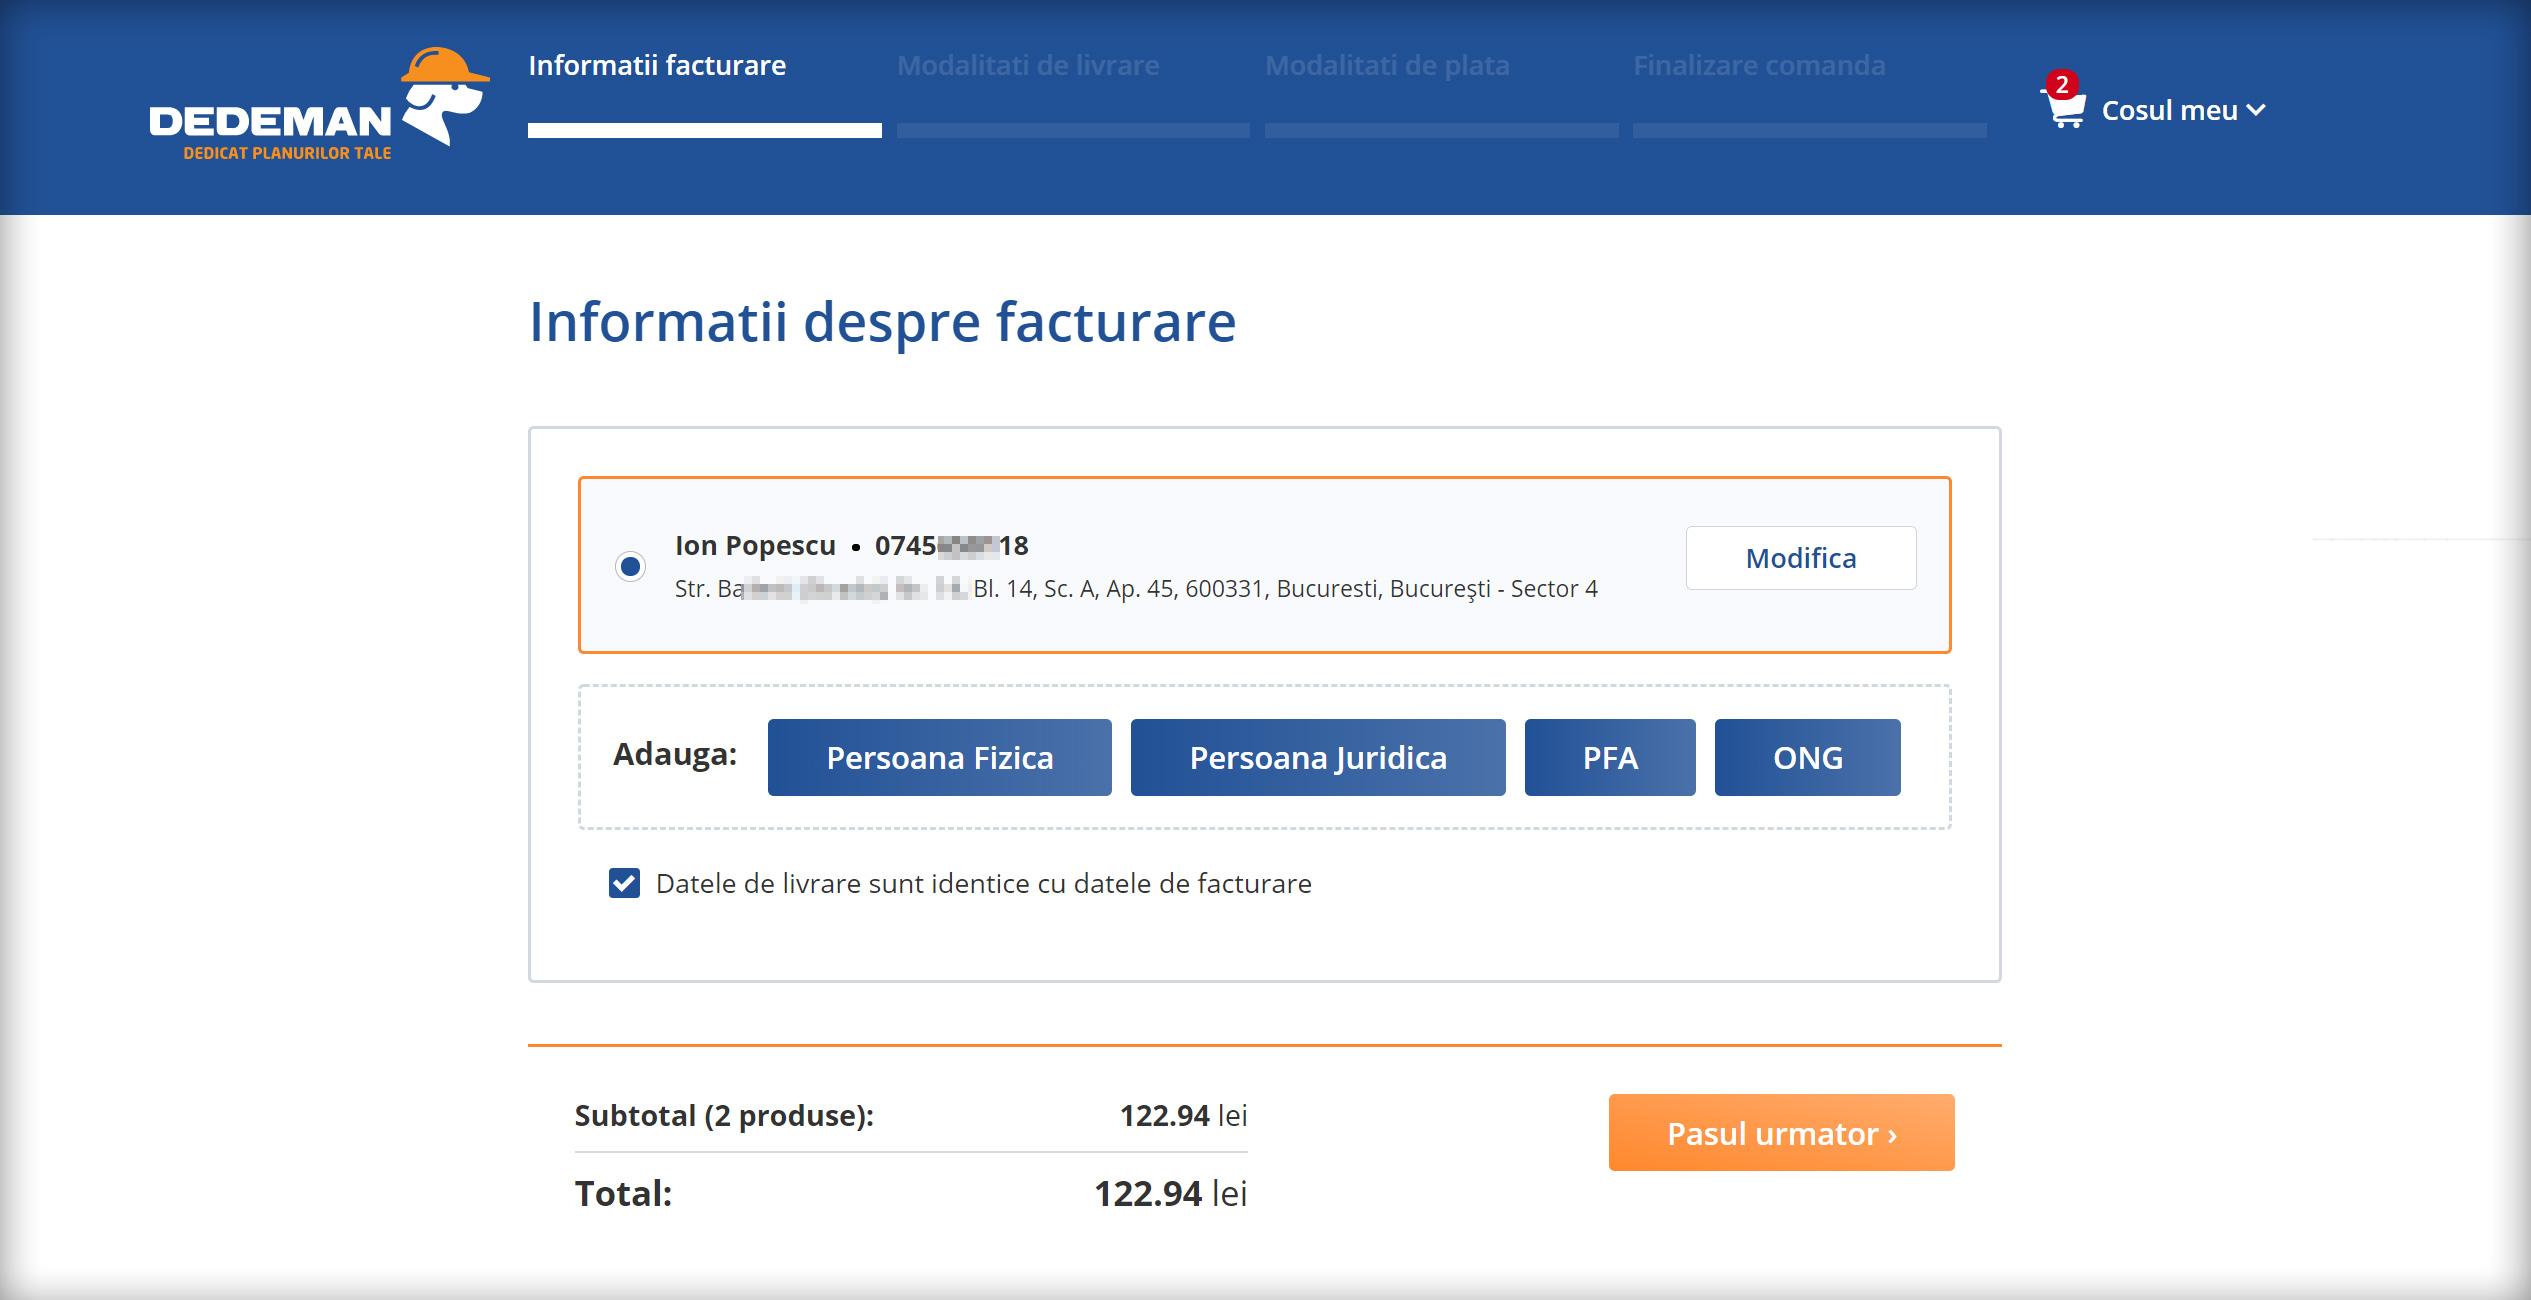 Opțiuni de livrare | GLS Romania